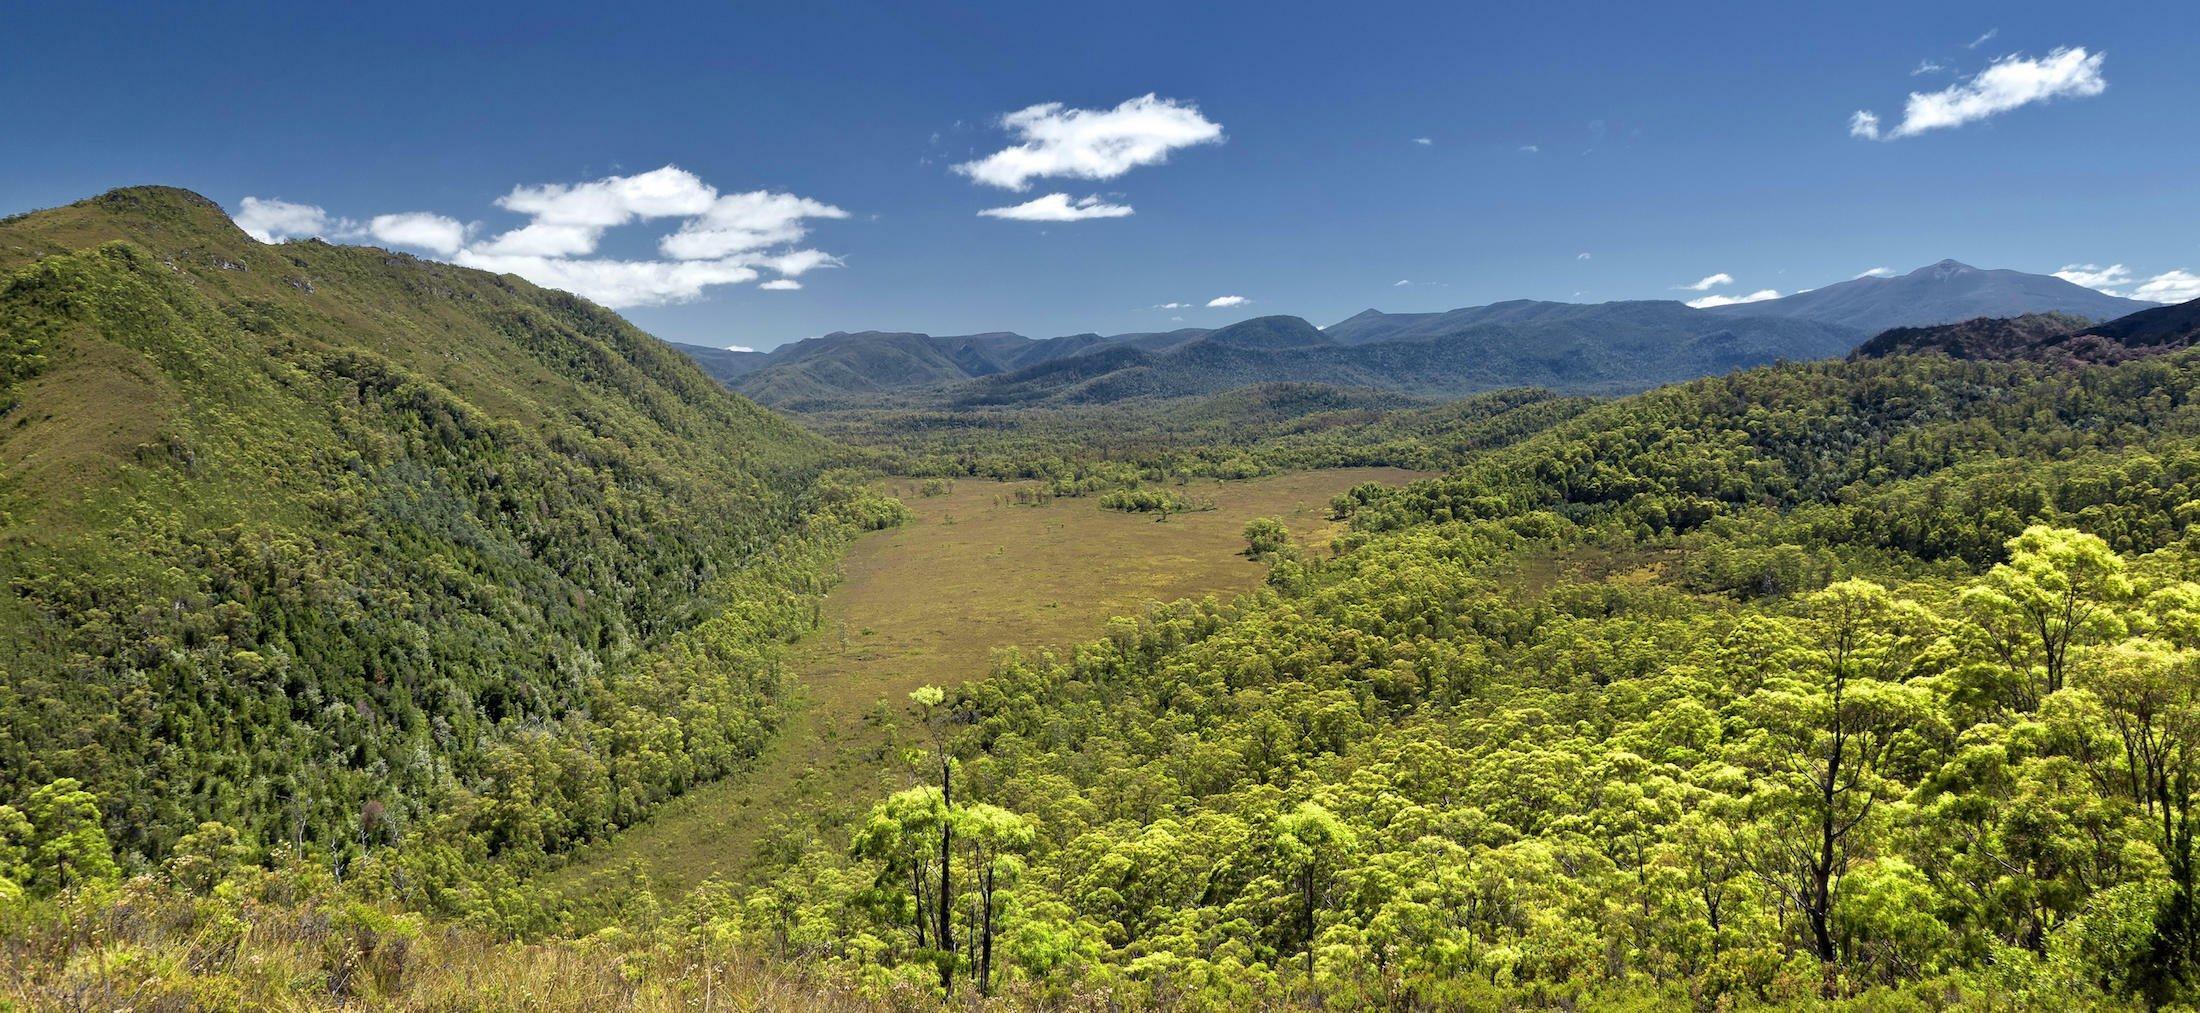 Das sattgrüne Bild zeigt eine hügelige Regenwaldlandschaft mit einer großen Lichtung in der Mitte bei sonnigem Wetter.